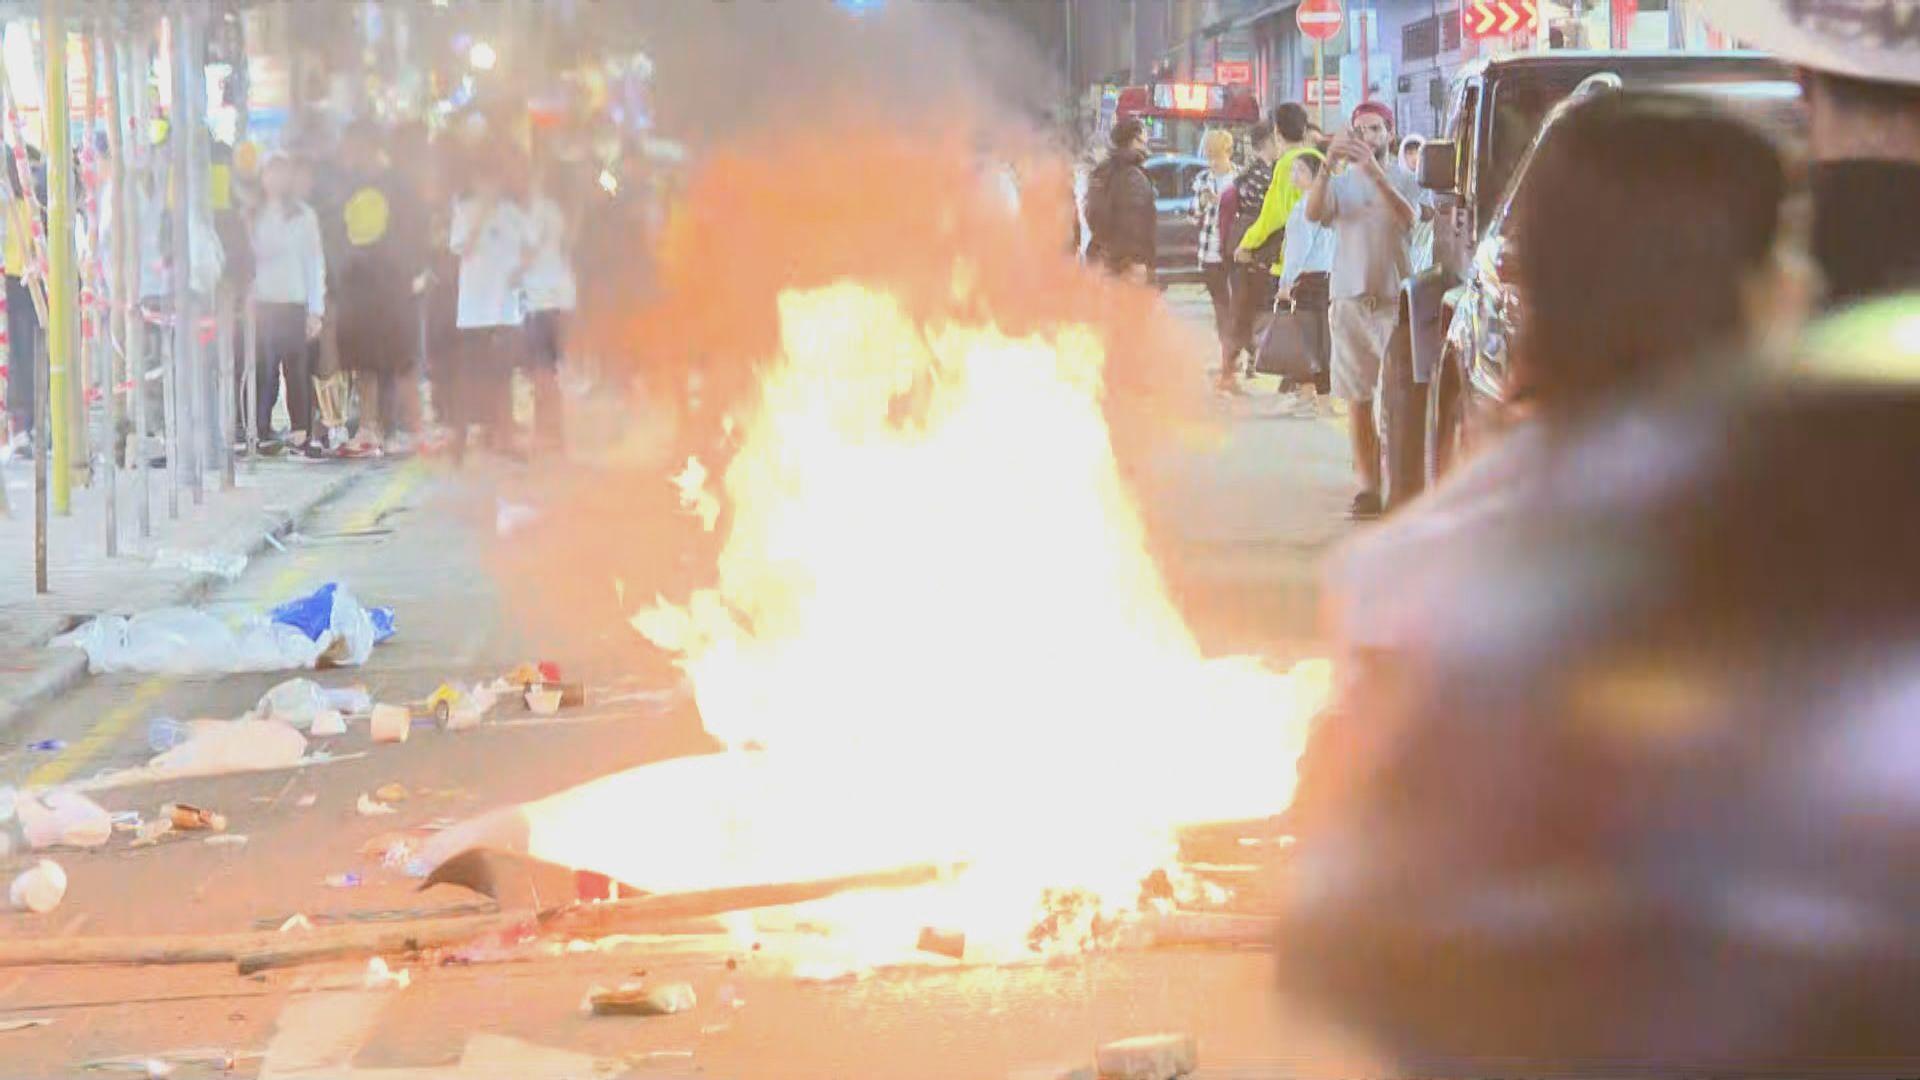 旺角有人群聚集堵路及縱火 防暴警驅散人群